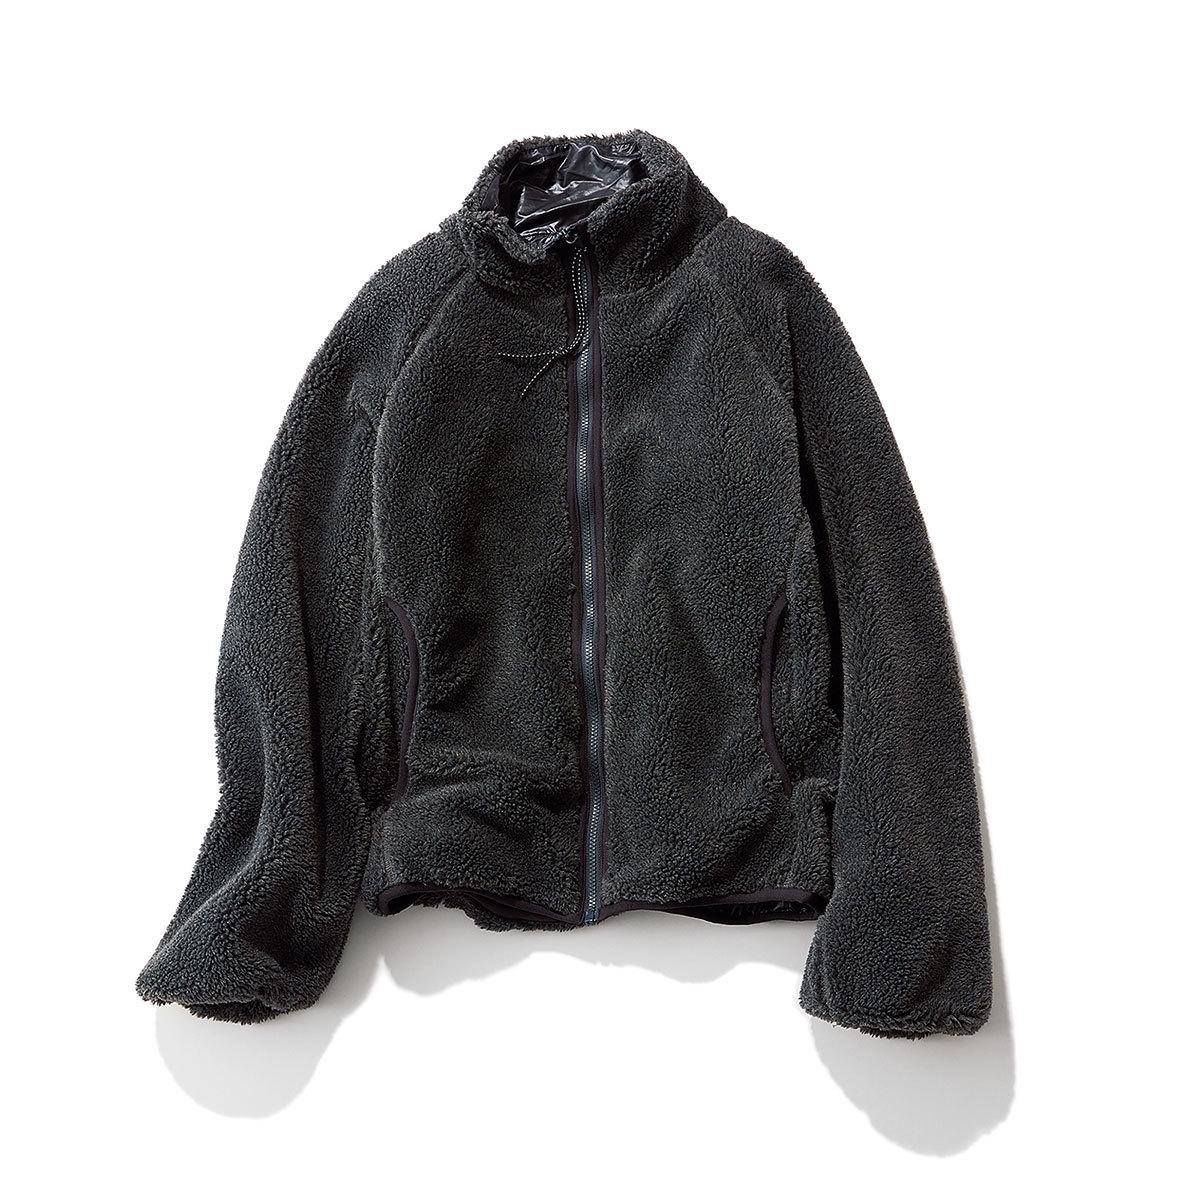 ブルーバード ブルバードのボアジャケット